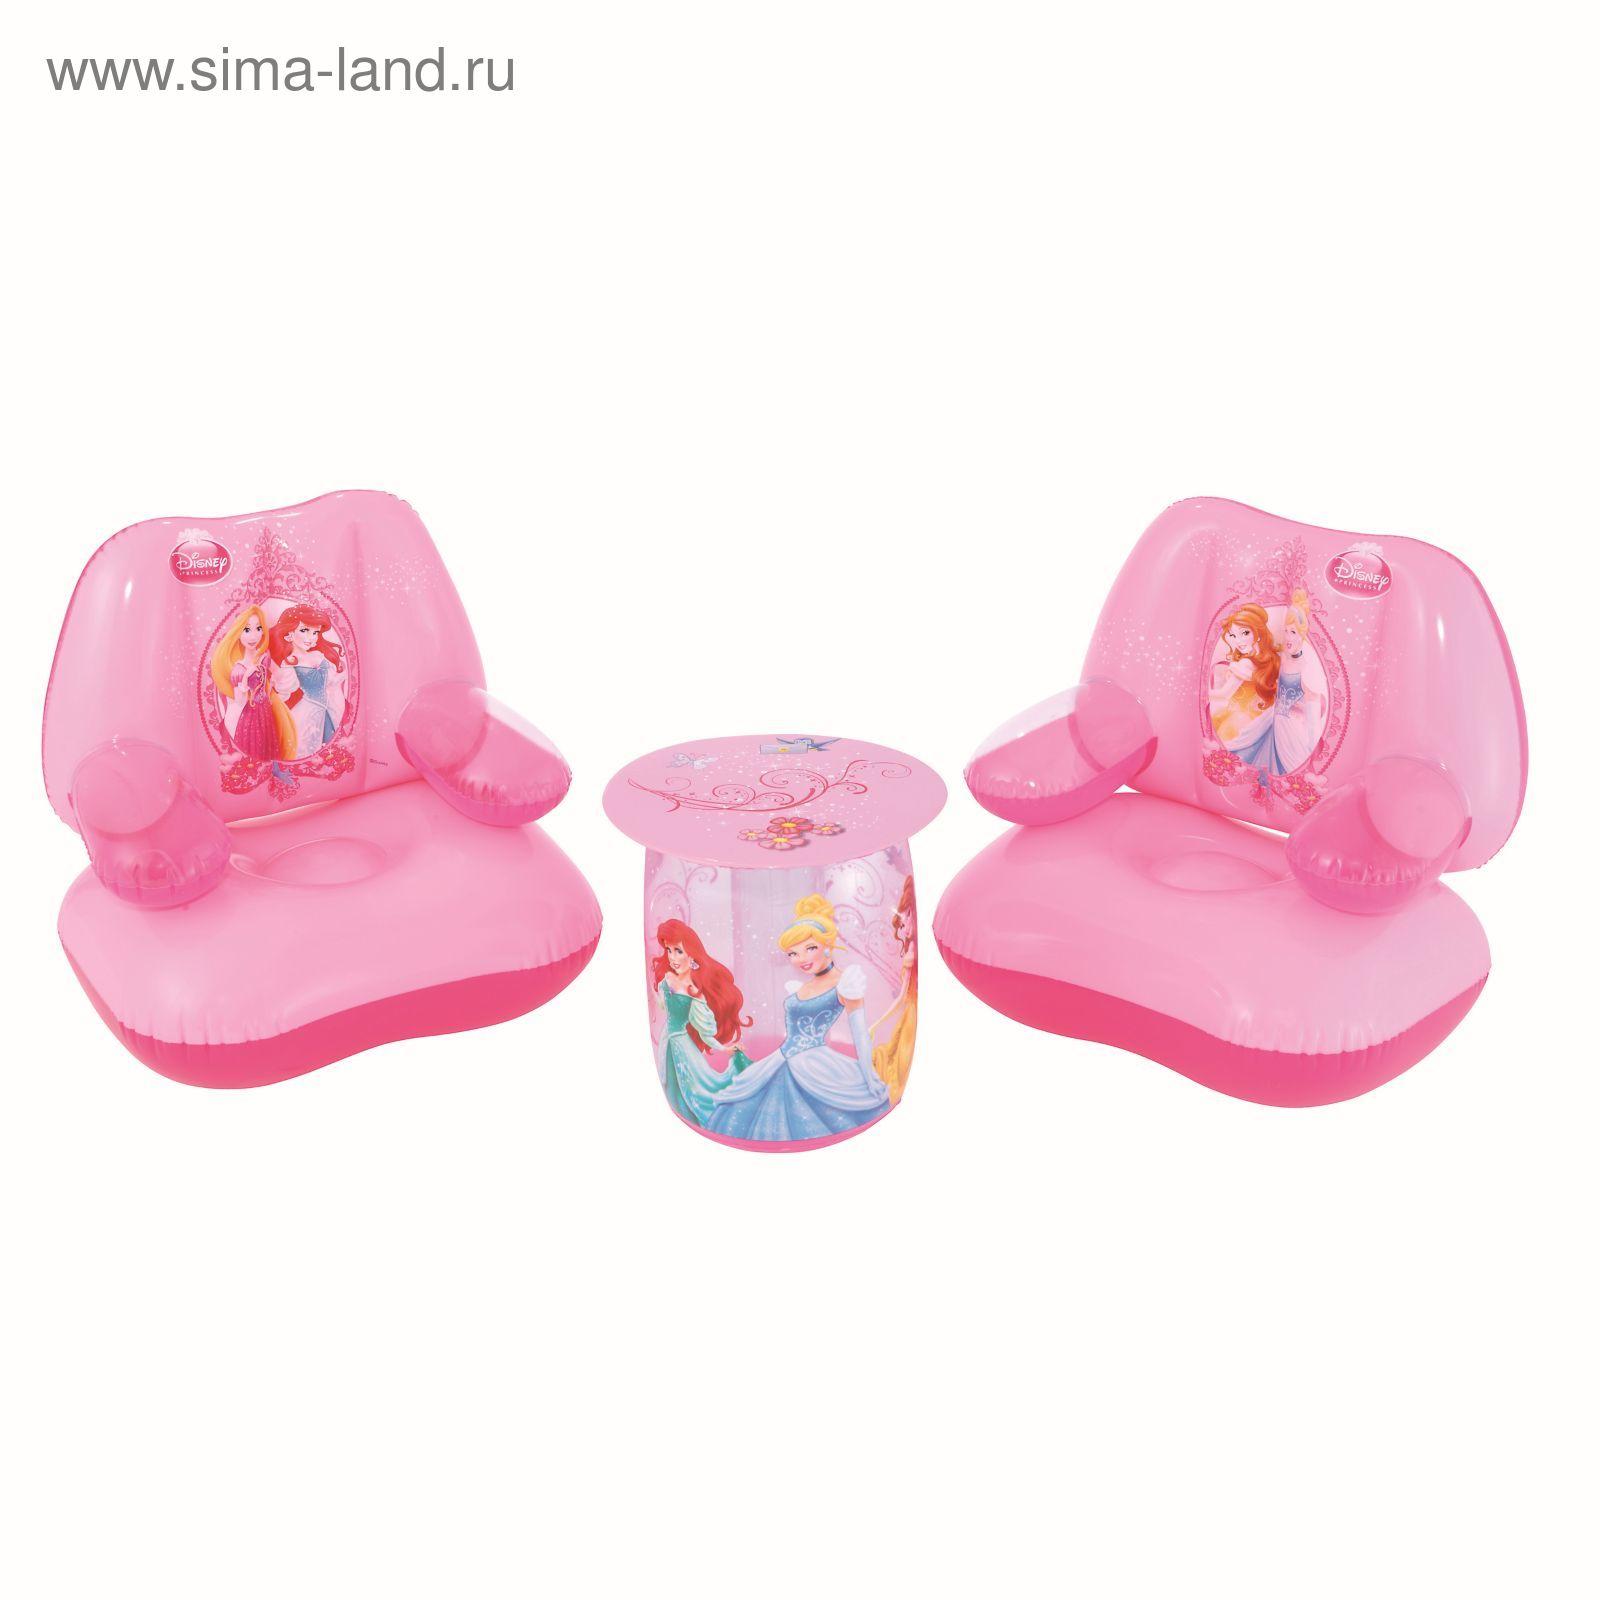 ecb03bb67945 Набор надувной мебели Disney